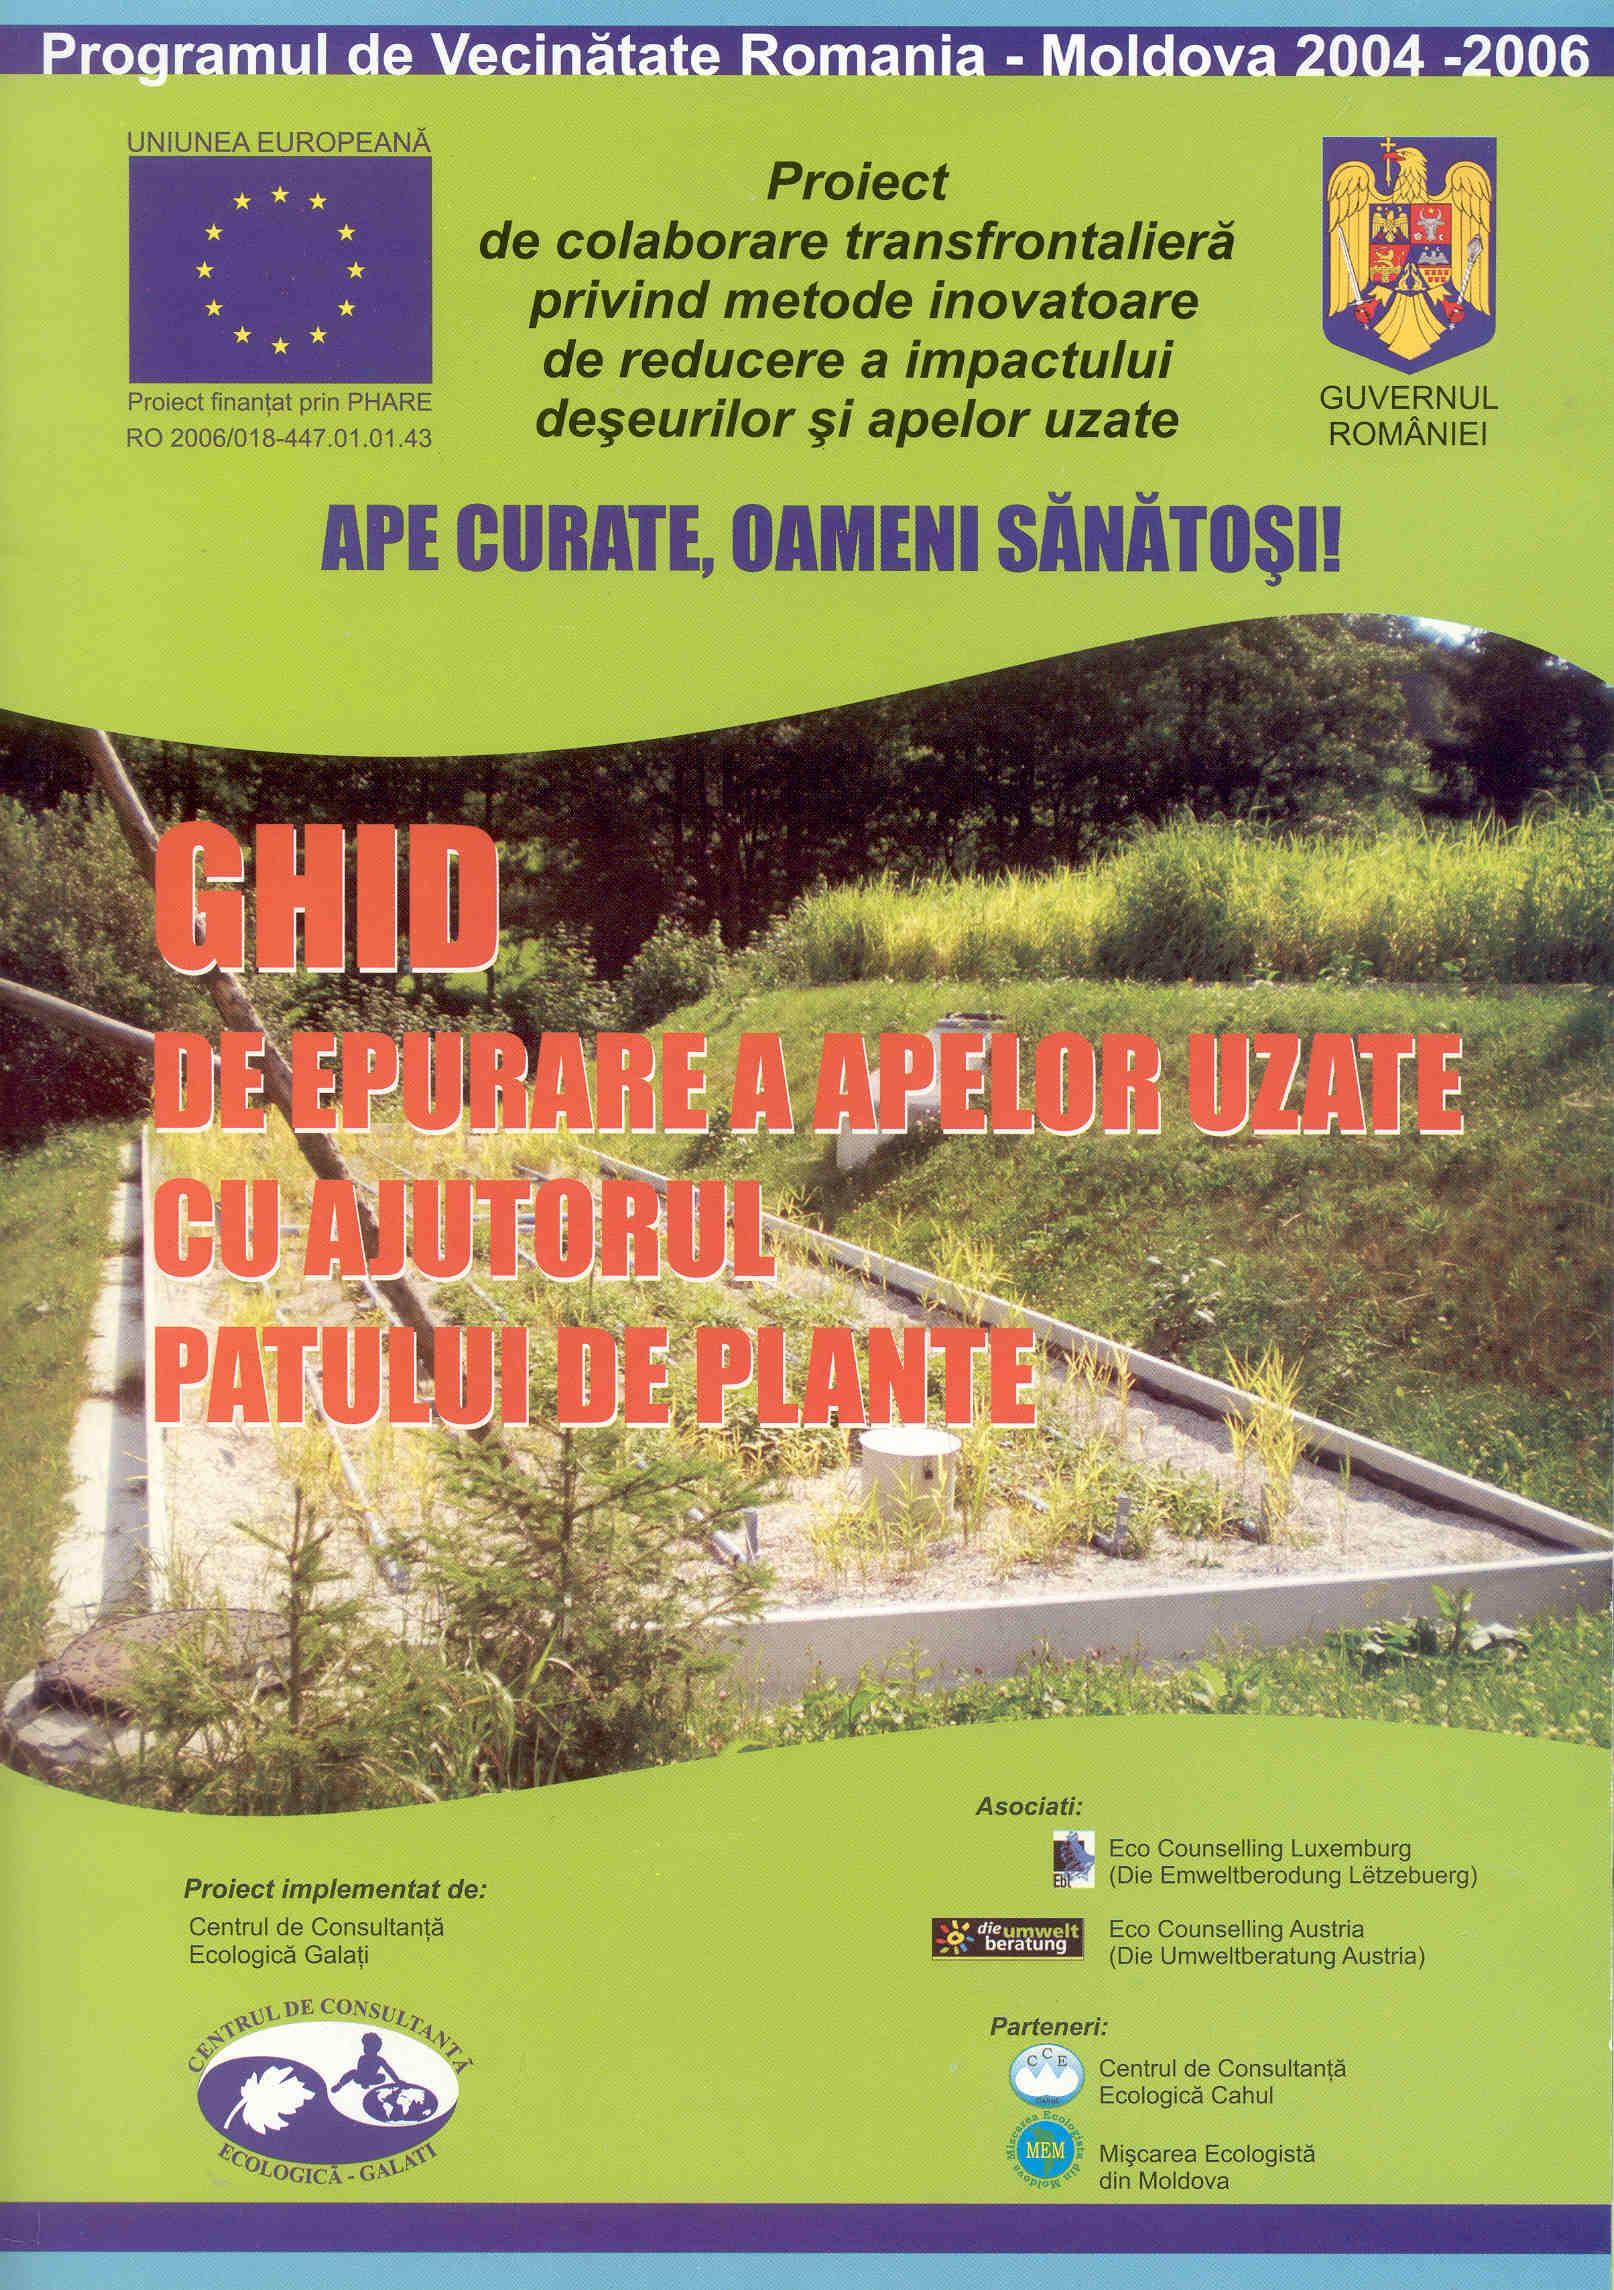 Ghid de epurare a apelor uzate cu ajutorul patului de plante (1)